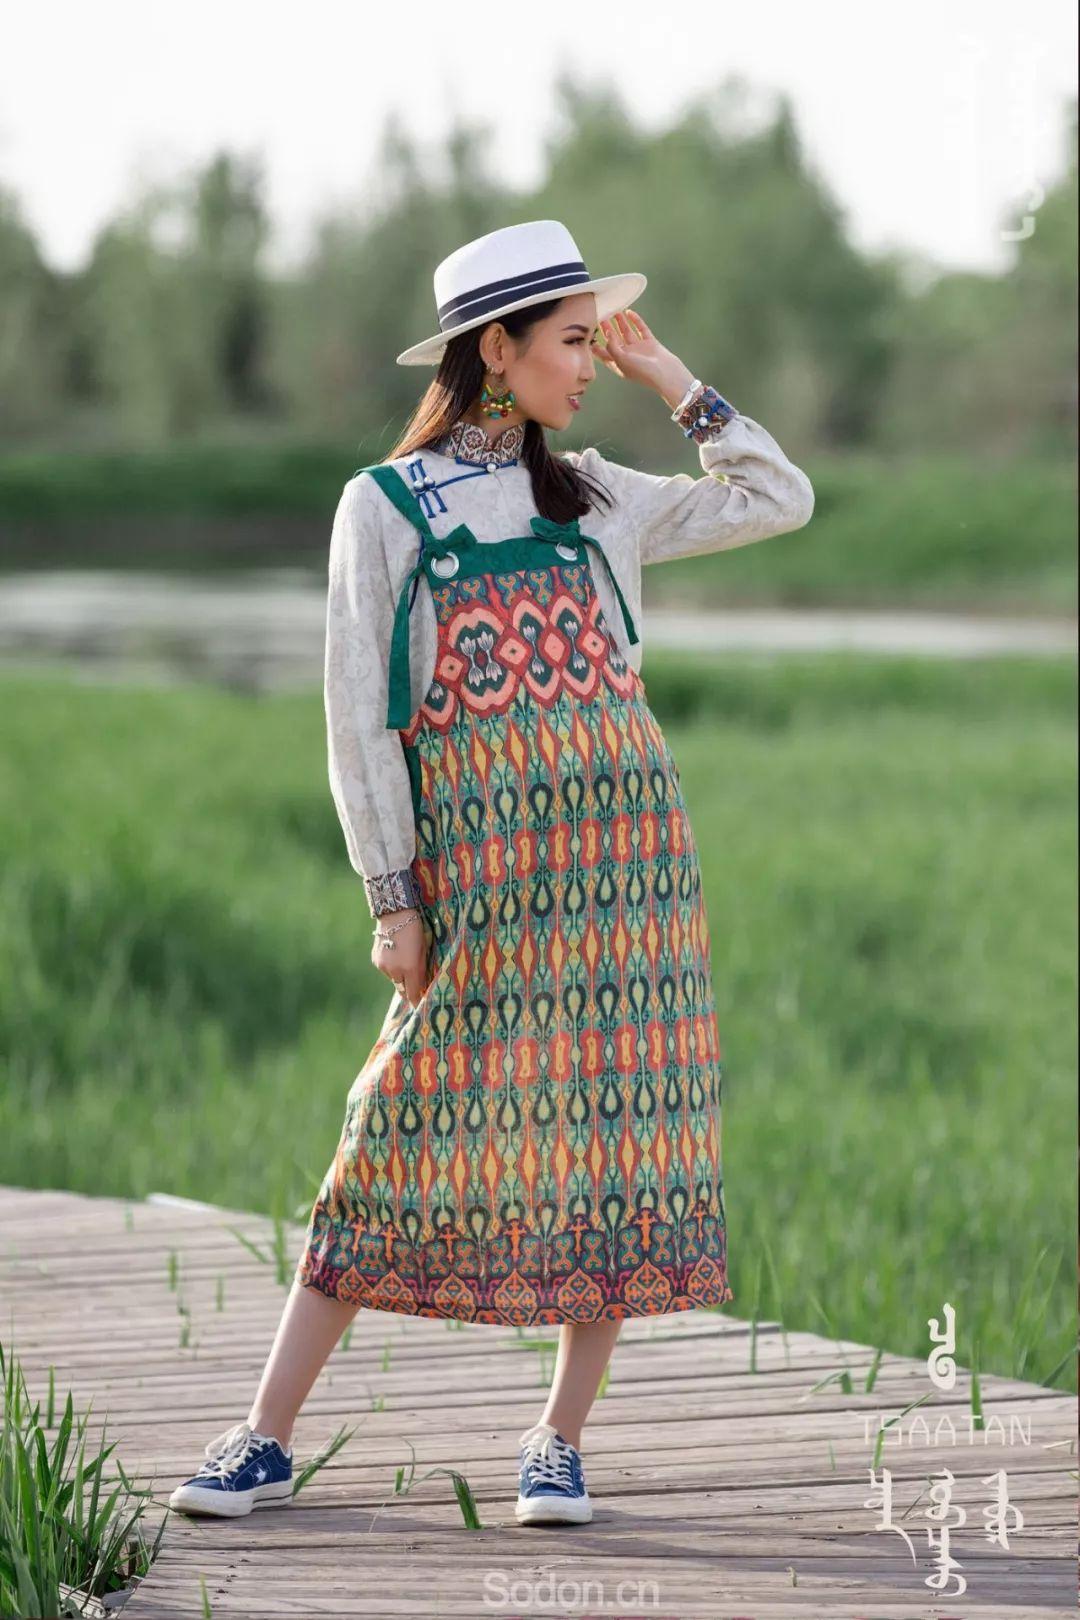 TSAATAN蒙古时装 2019新款,来自驯鹿人的独特魅力! 第78张 TSAATAN蒙古时装 2019新款,来自驯鹿人的独特魅力! 蒙古服饰